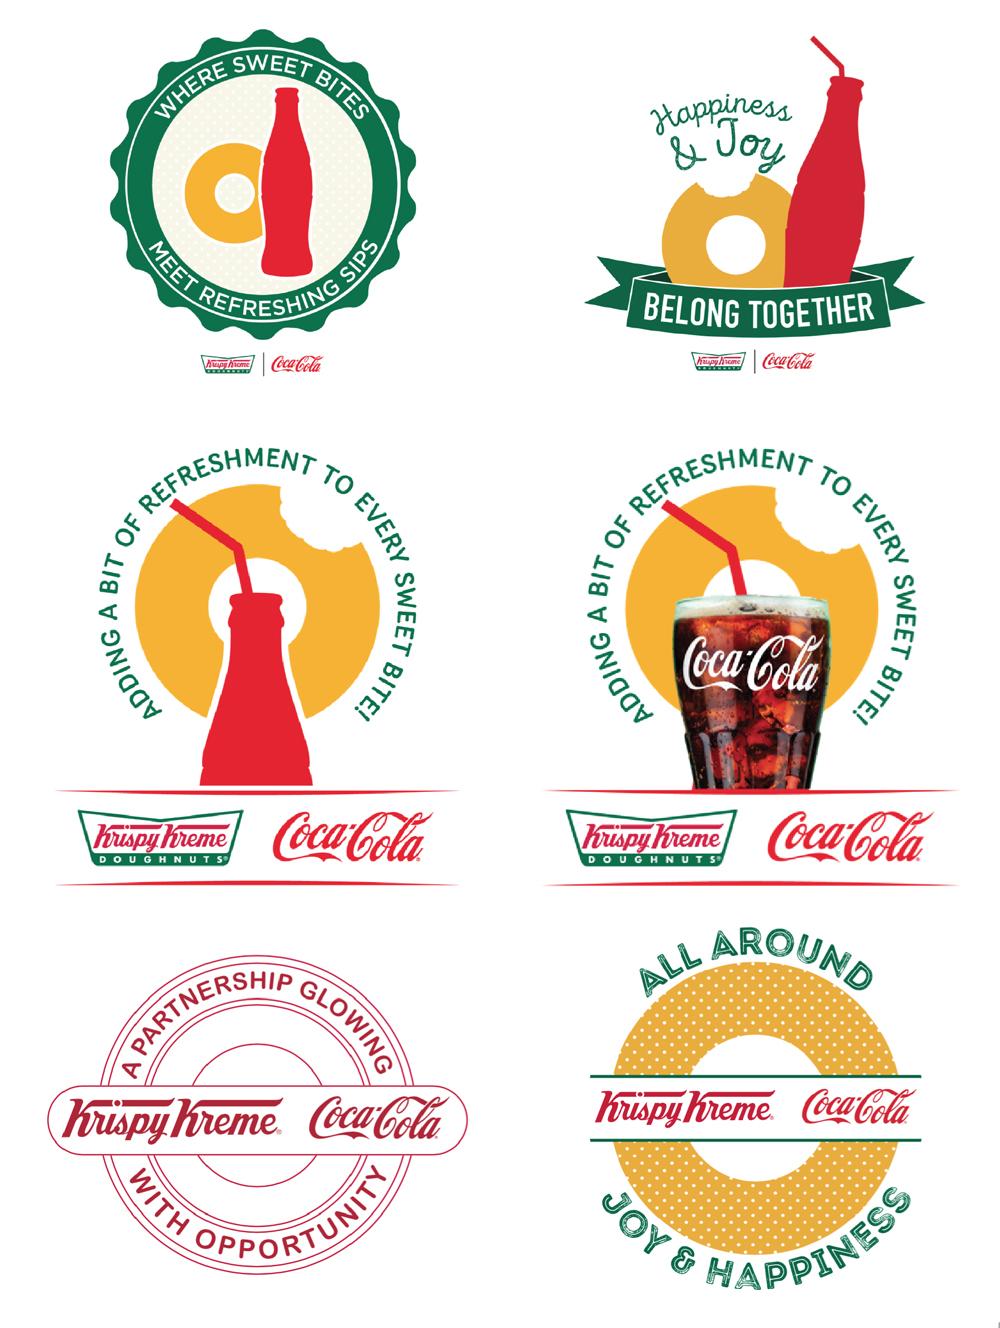 Client: Coca-Cola / Krispy Kreme